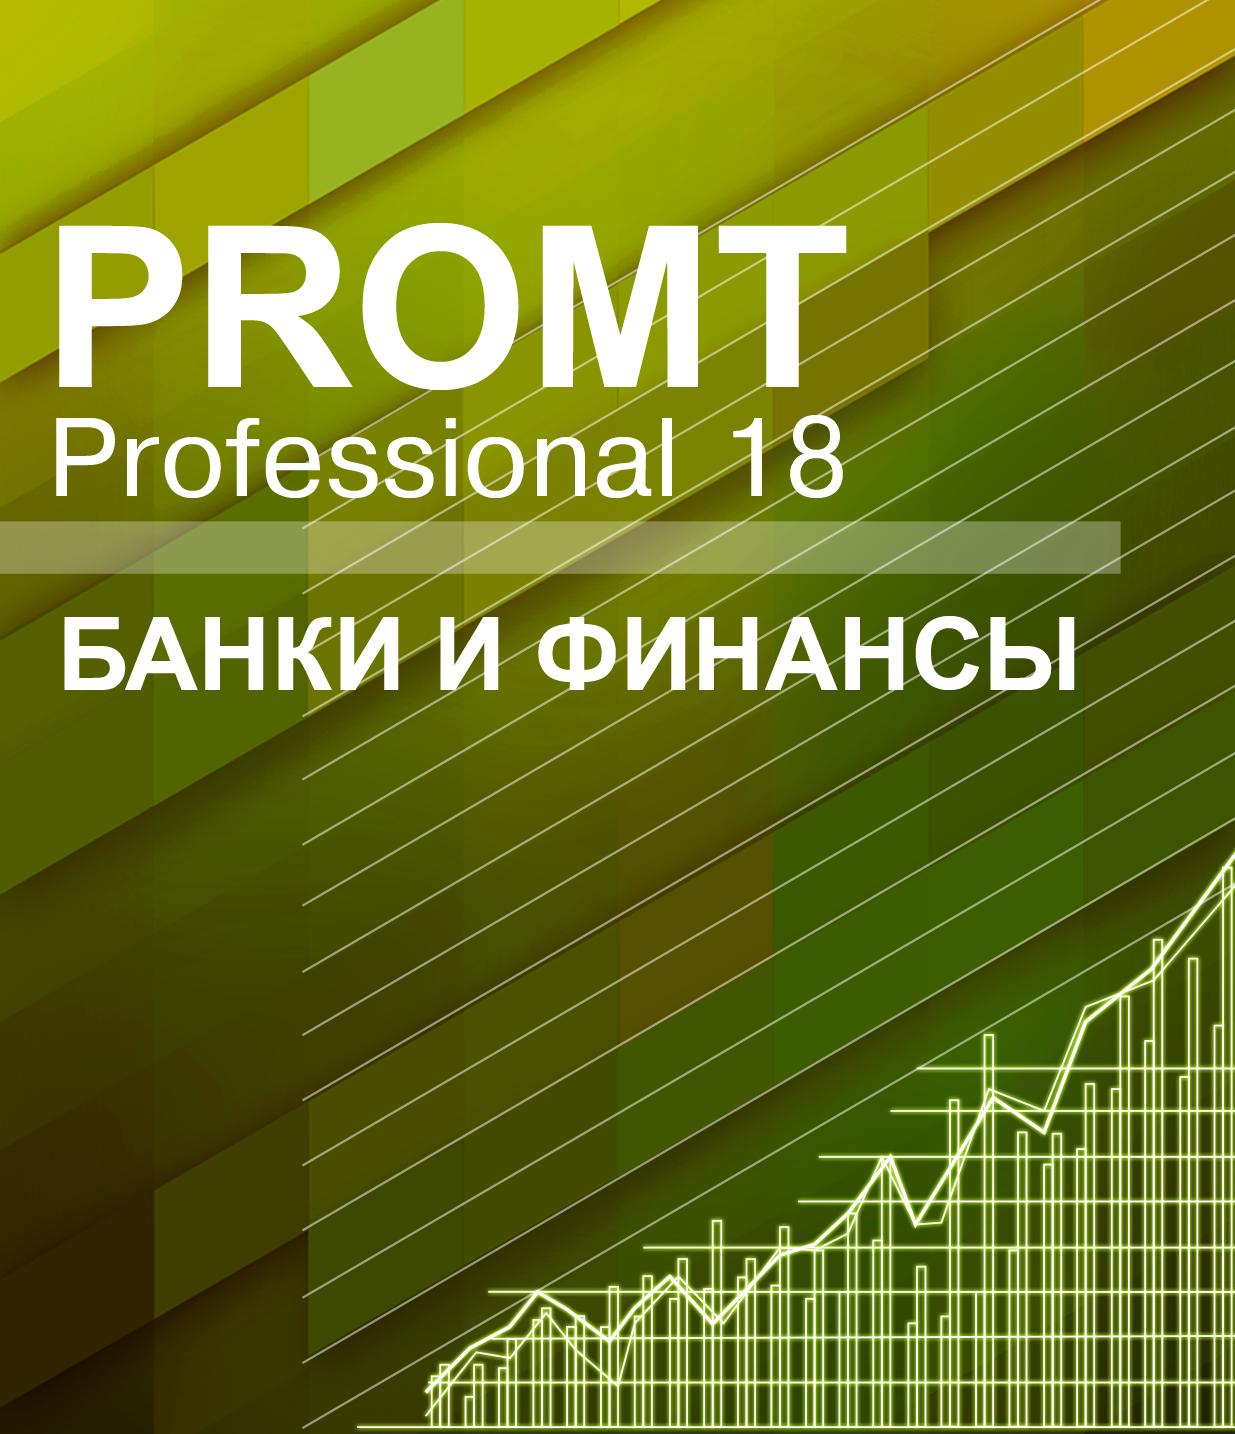 PROMT Professional 18 Многоязычный, Банки и финансы